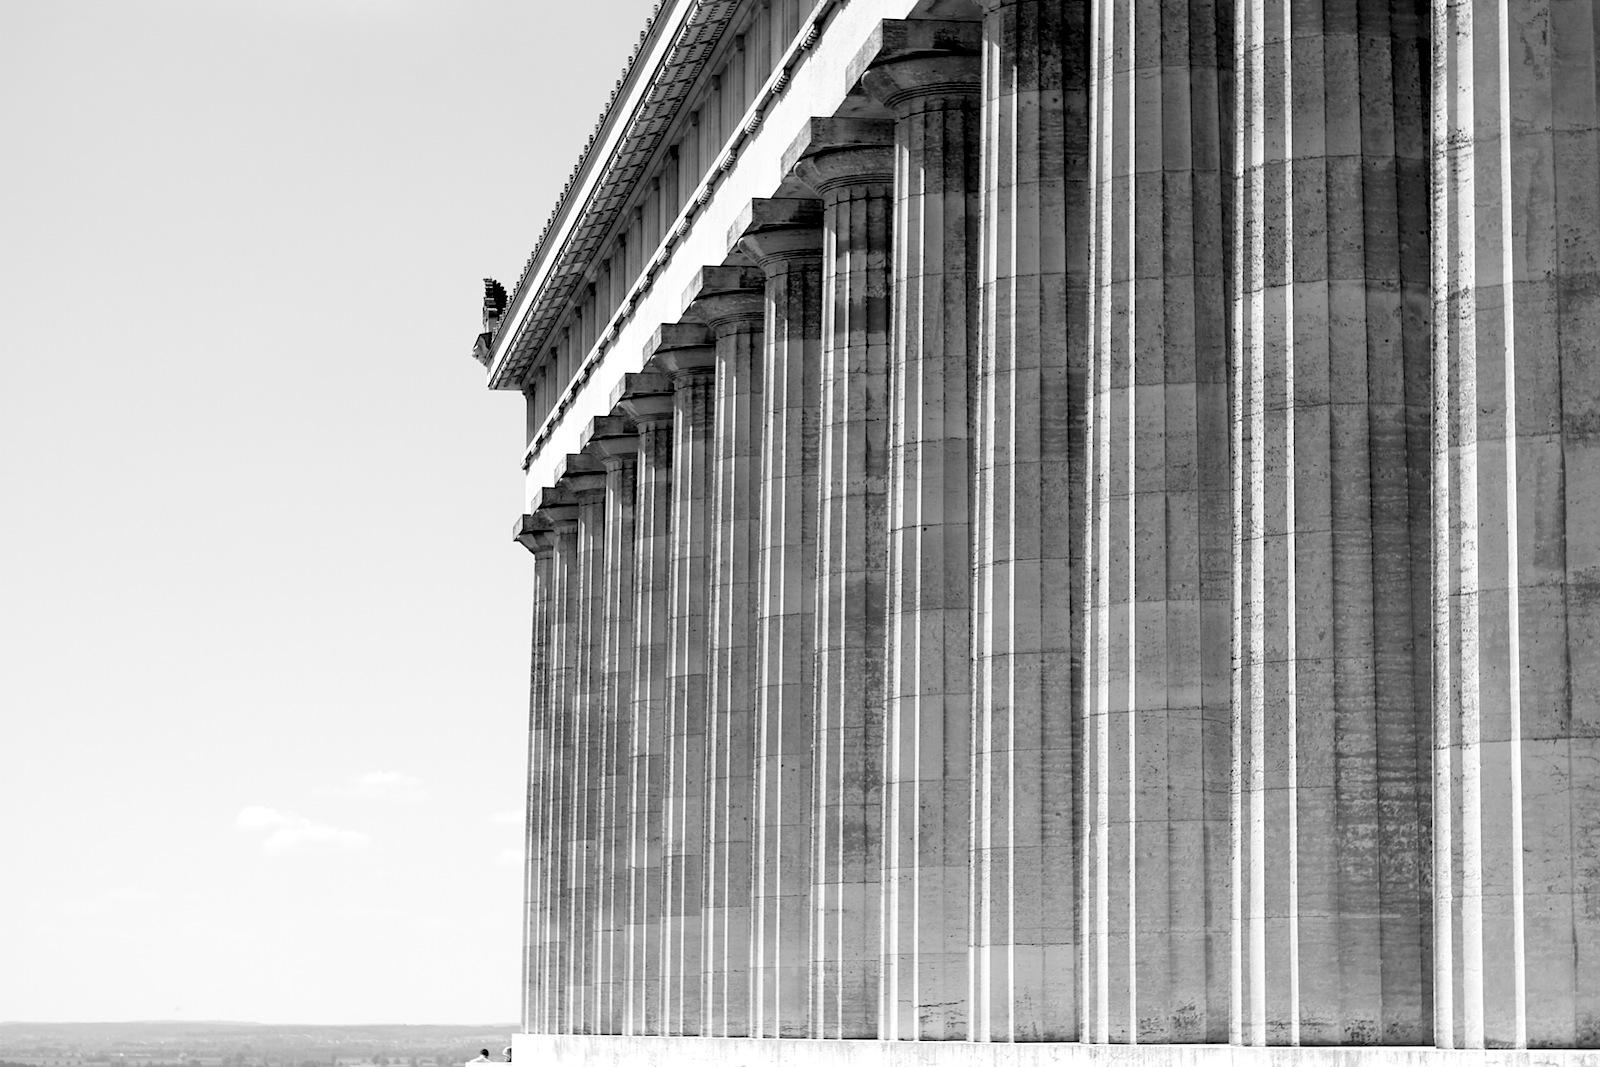 Verbindung. Sie wird als gelungene Synthese zwischen den Gestaltungsformen der Antike und dem Stand der Bautechnik des 19. Jahrhunderts angesehen.